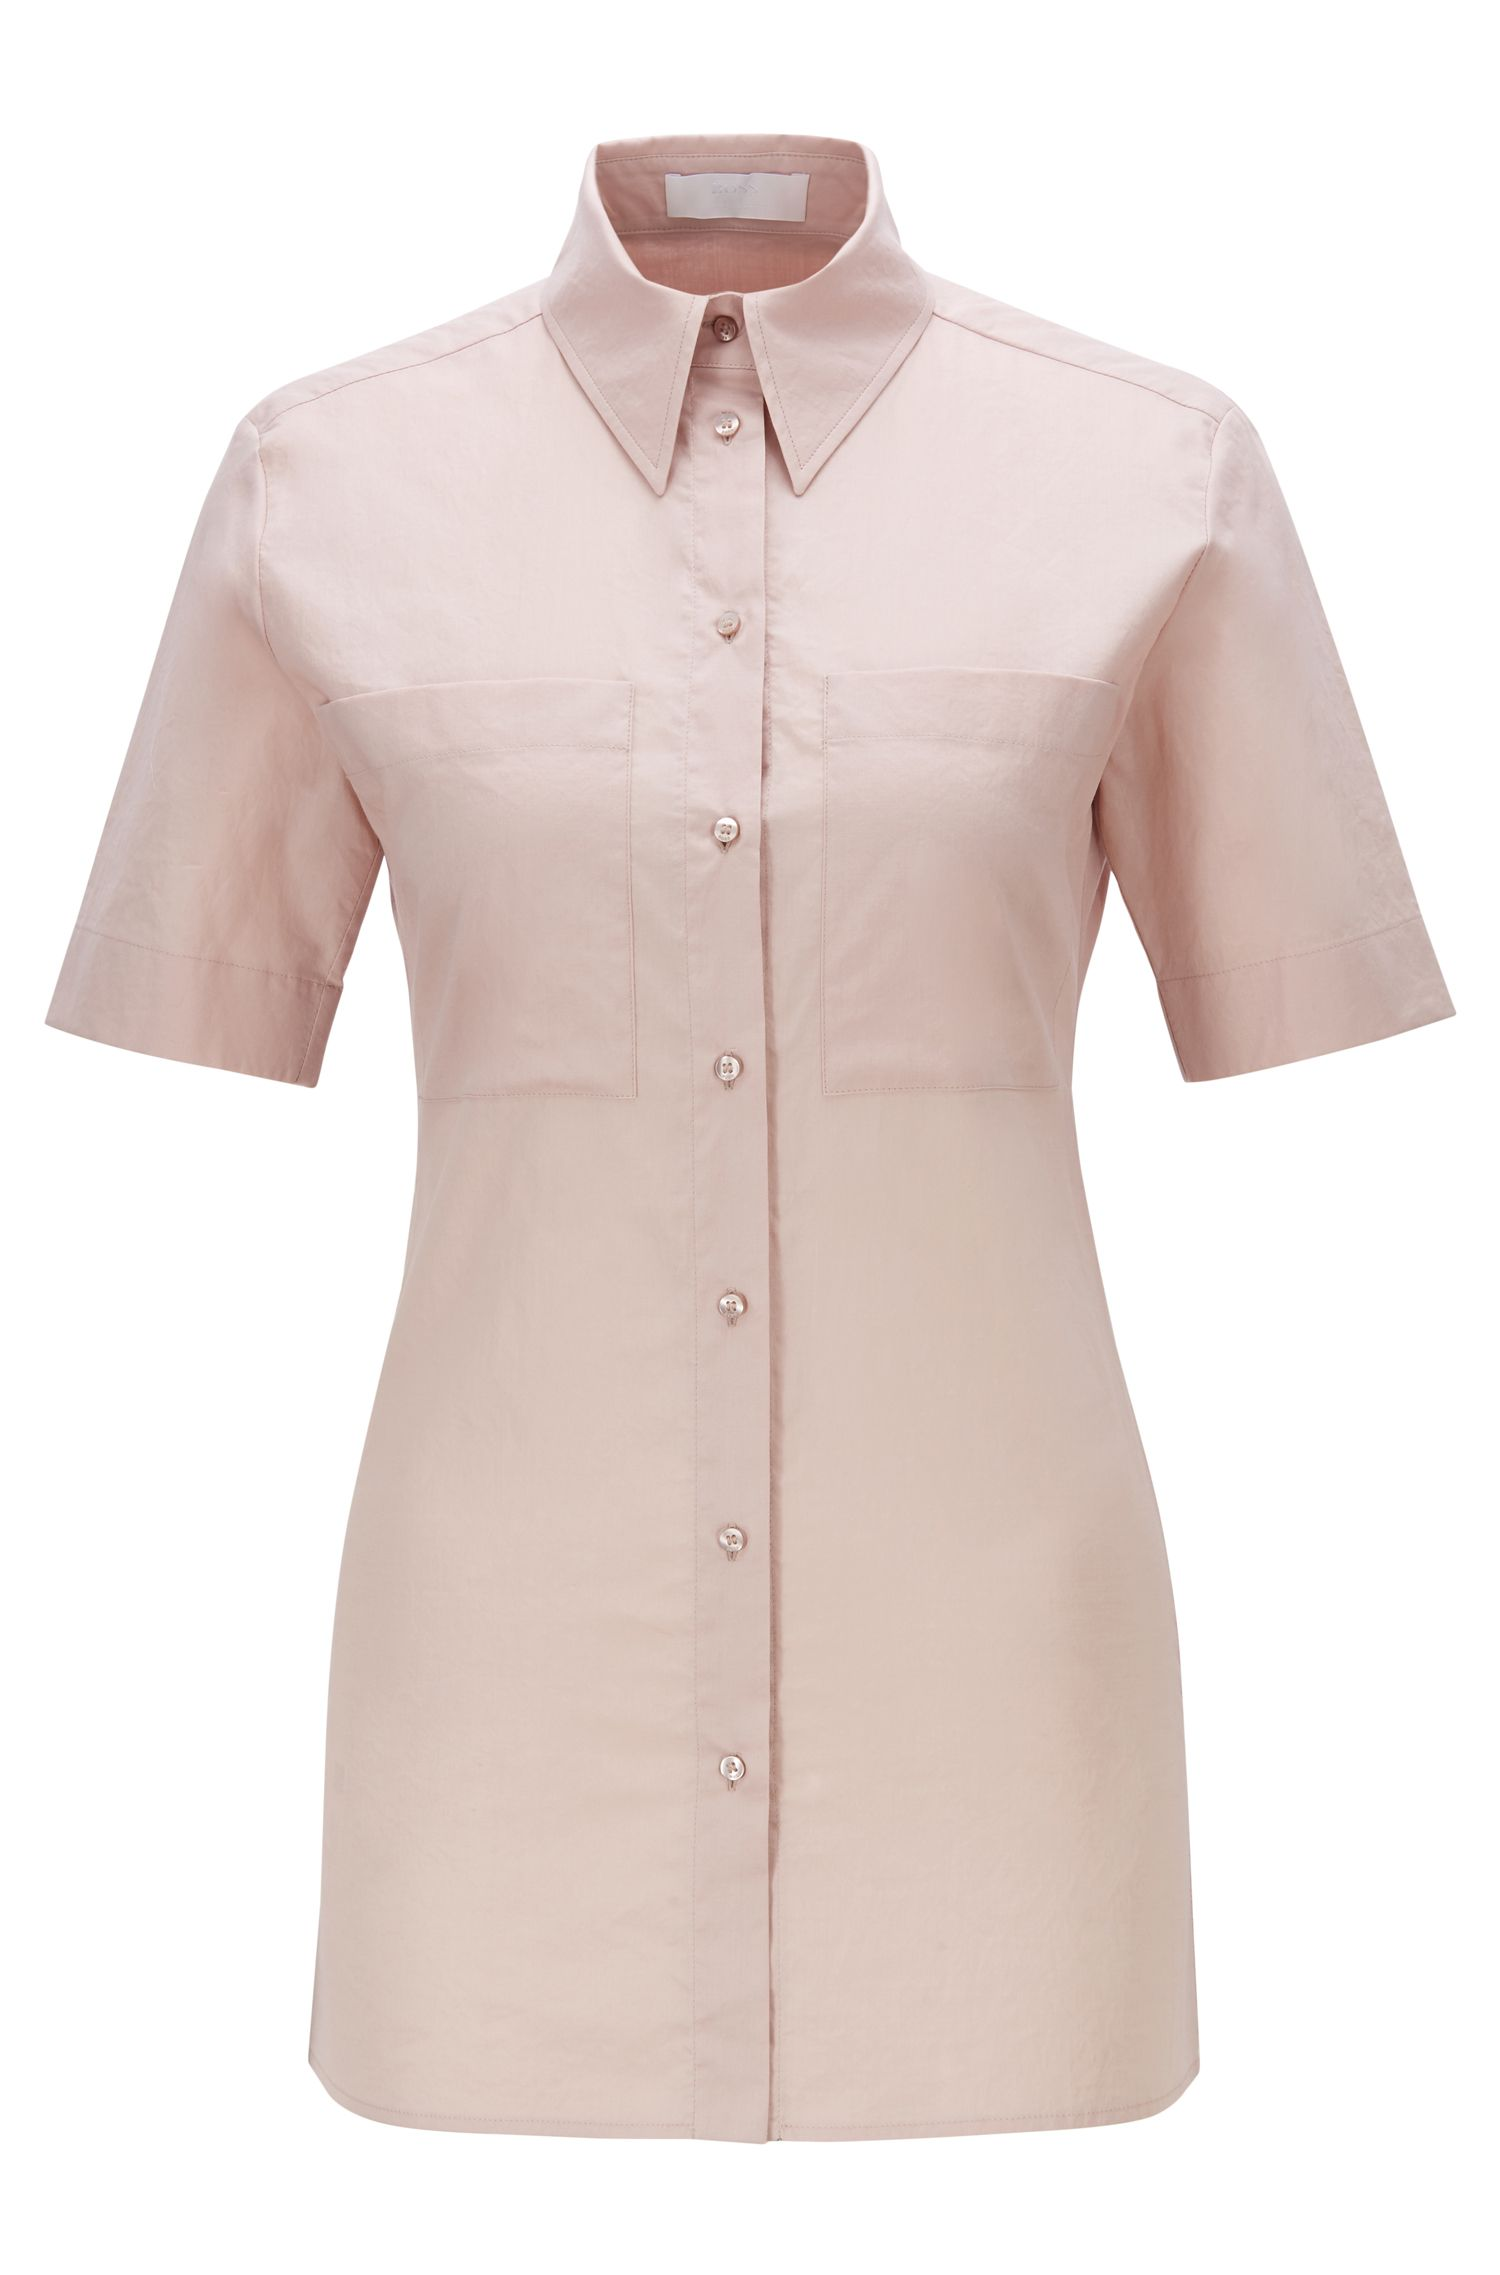 Blusa slim fit de manga corta con bolsillos cosidos en el pecho, Rosa claro